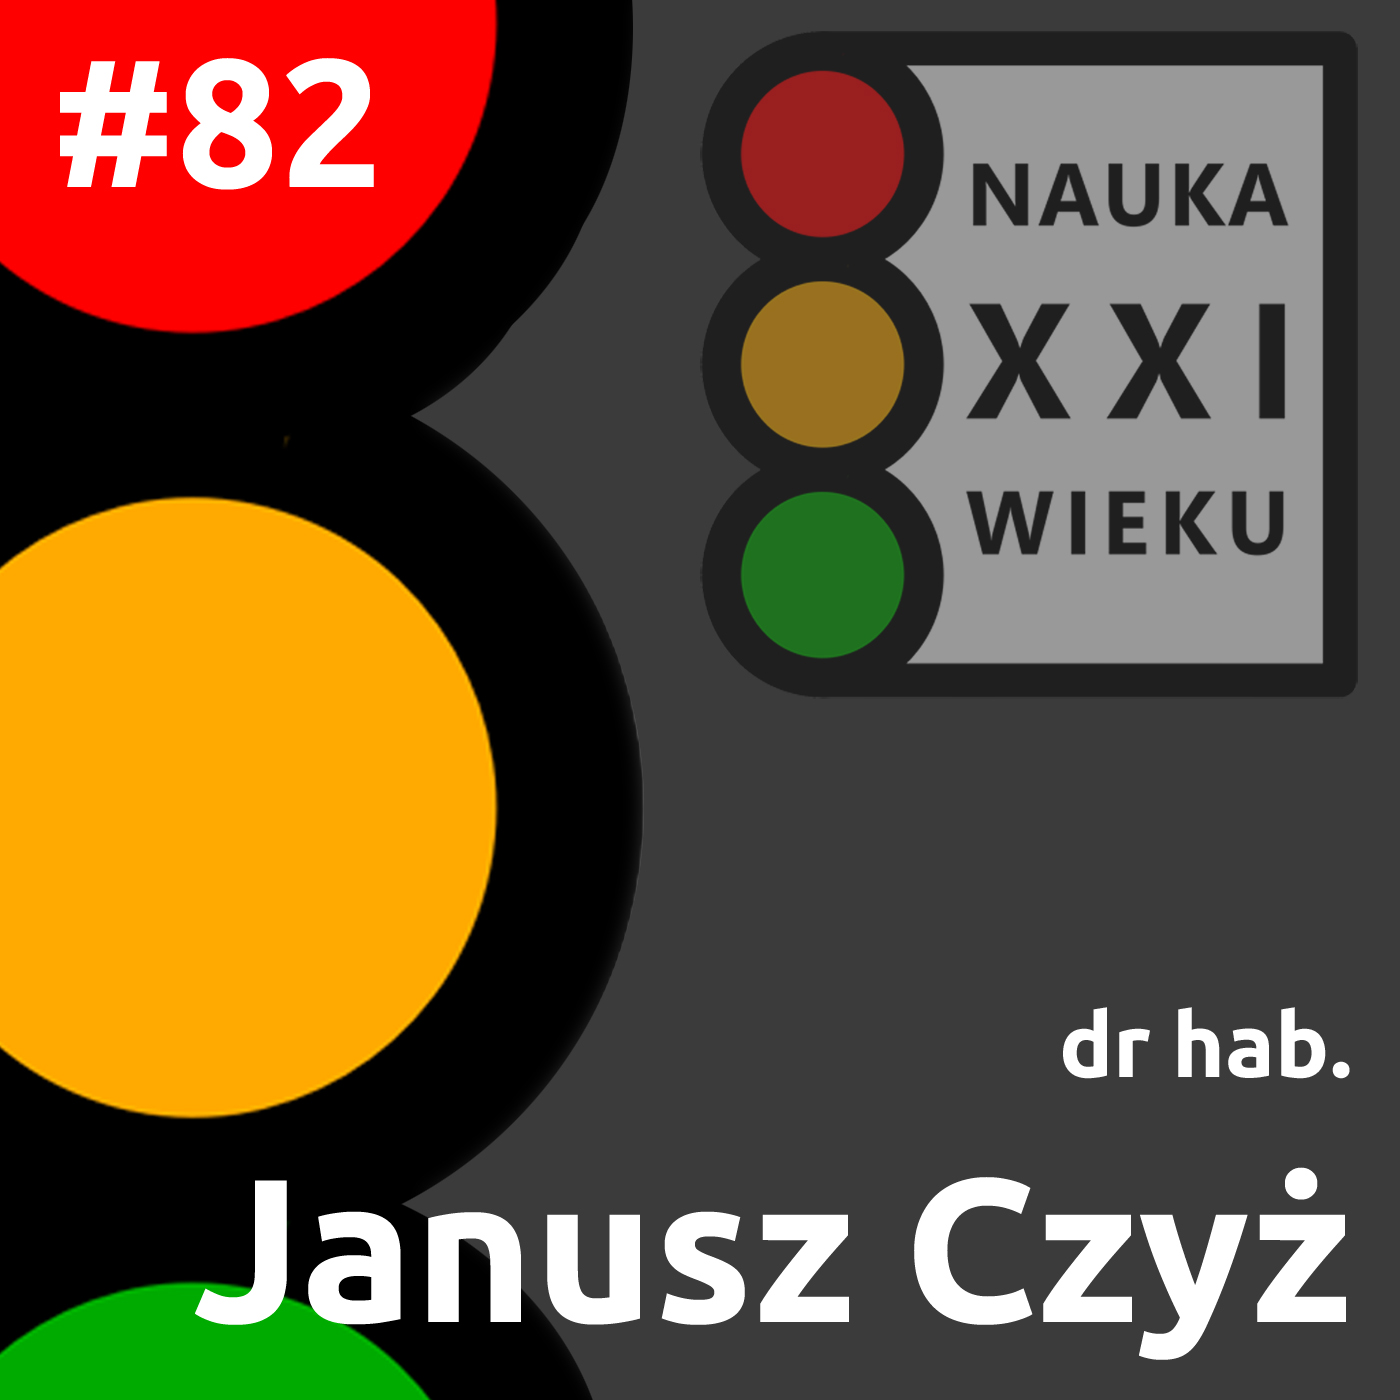 #82 - Janusz Czyż